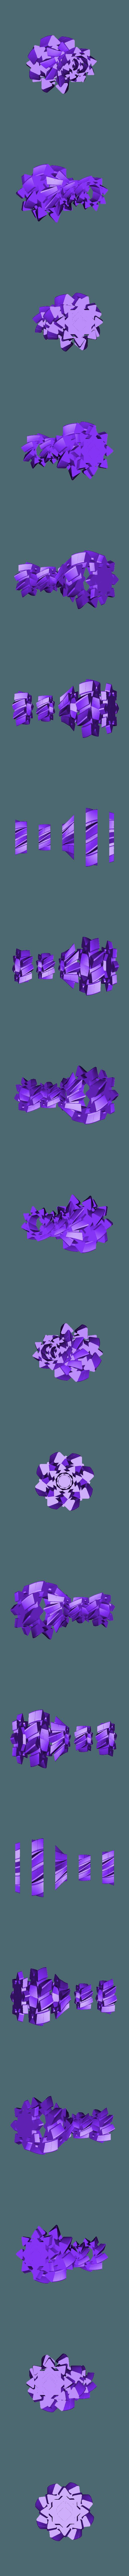 Vase_Genapart_V2-3-b.stl Download free STL file New 2 colors vases • 3D printable design, Genapart